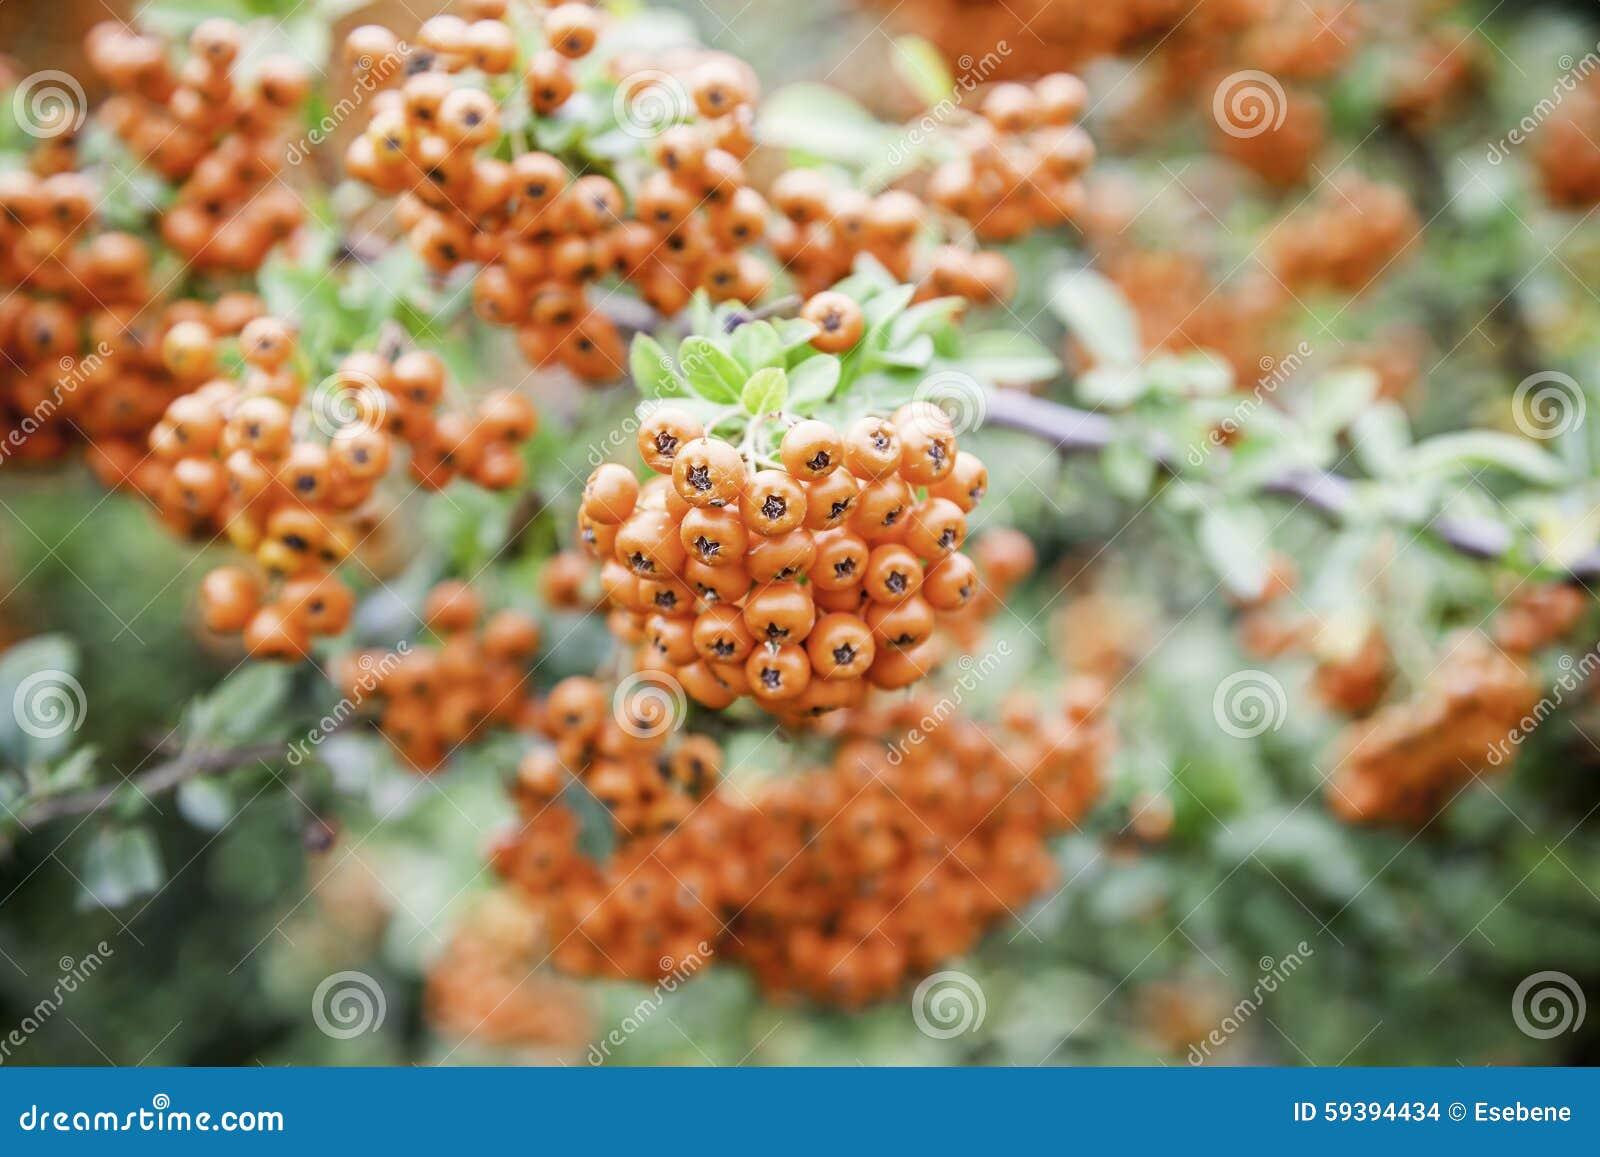 红色的浆果图片